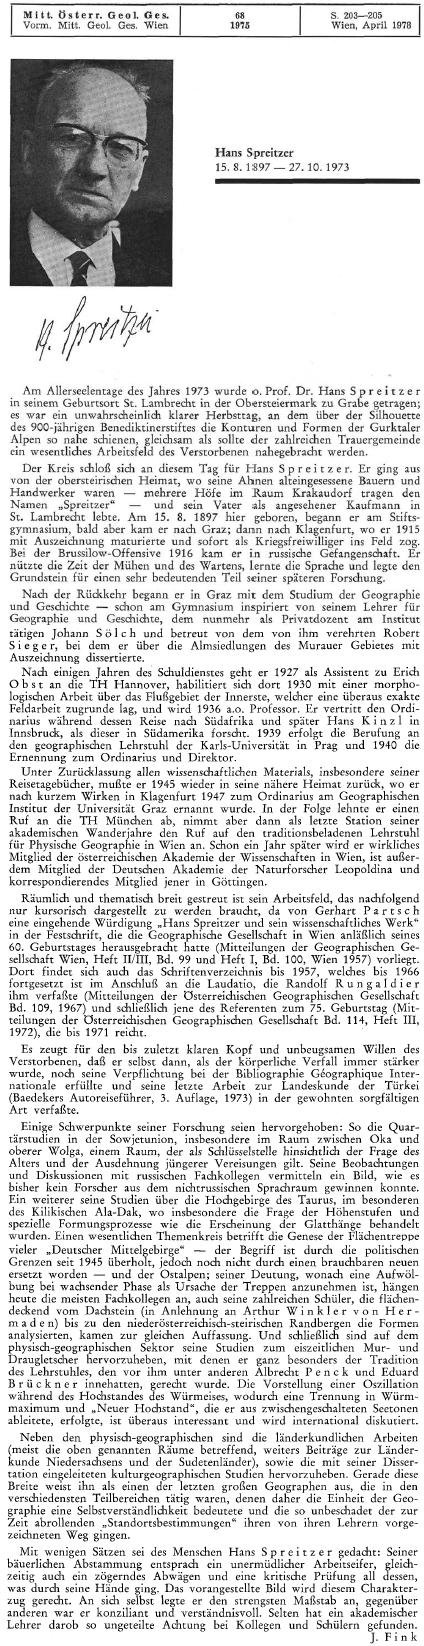 Nekrolog na stránkách Mitteilungen der Österreichischen Geographischen Gesellschaft